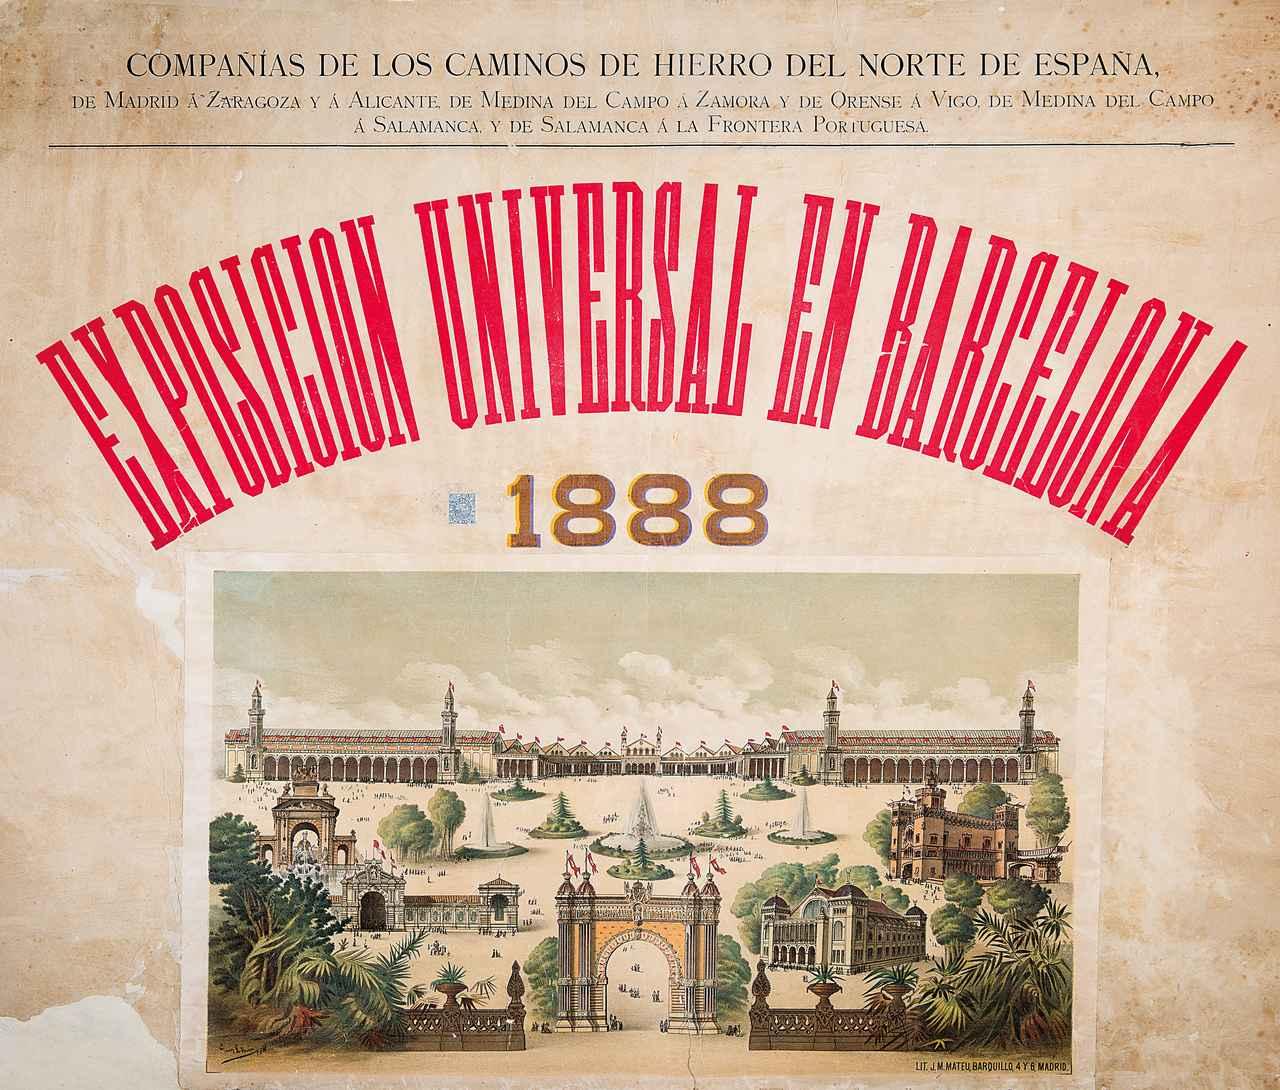 画像: G. L. ルイス《1888年バルセロナ万博のポスター》 1888年 クロマトグラフ・リトグラフ・紙 カタルーニャ図書館 © Biblioteca de Catalunya